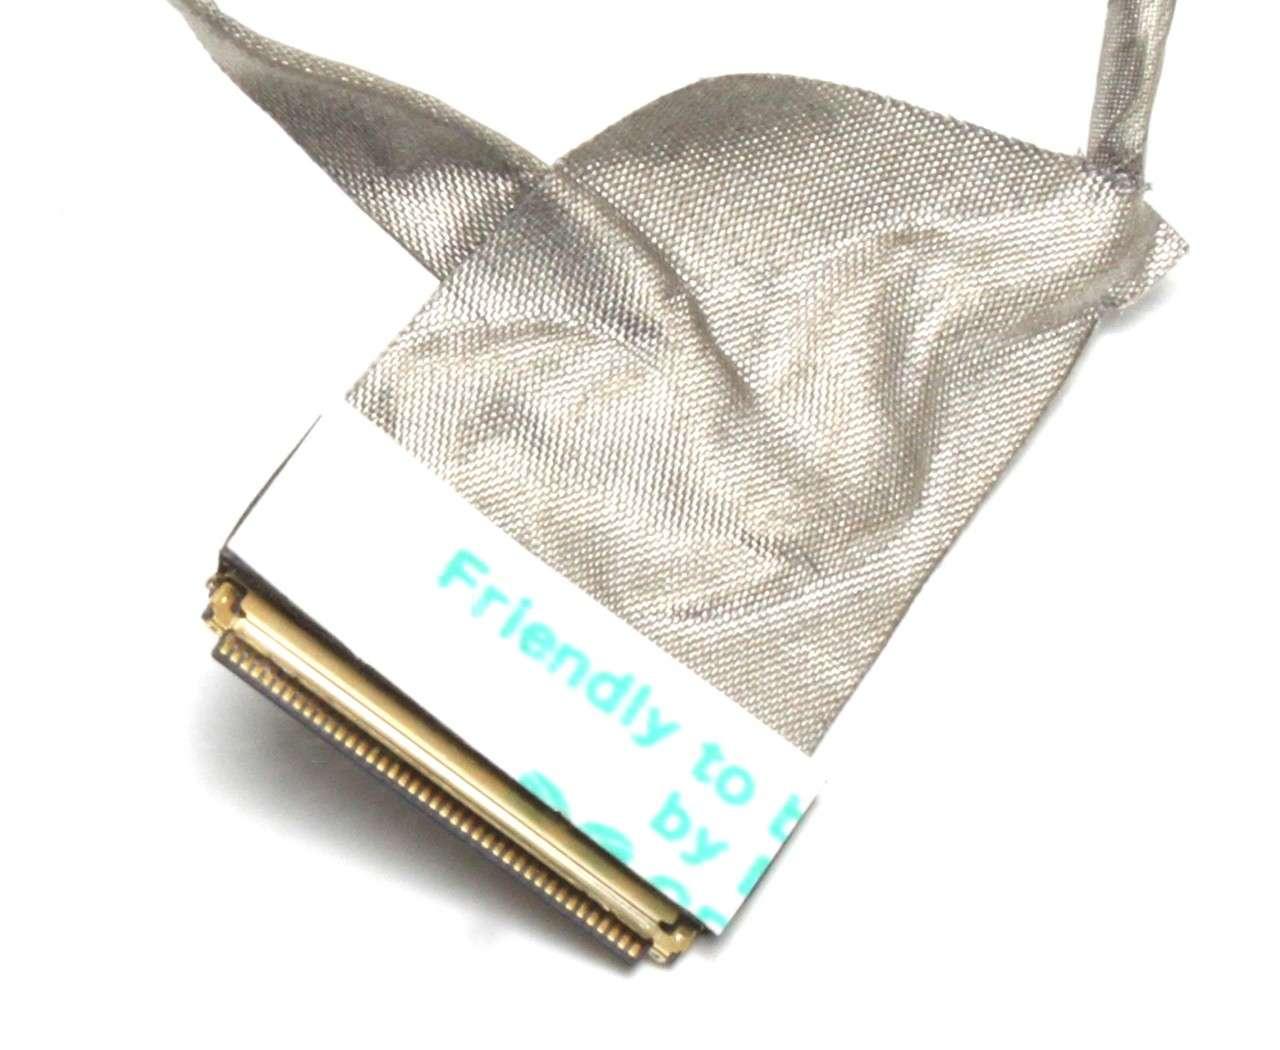 Cablu video LVDS Fujitsu LifeBook A530 imagine powerlaptop.ro 2021